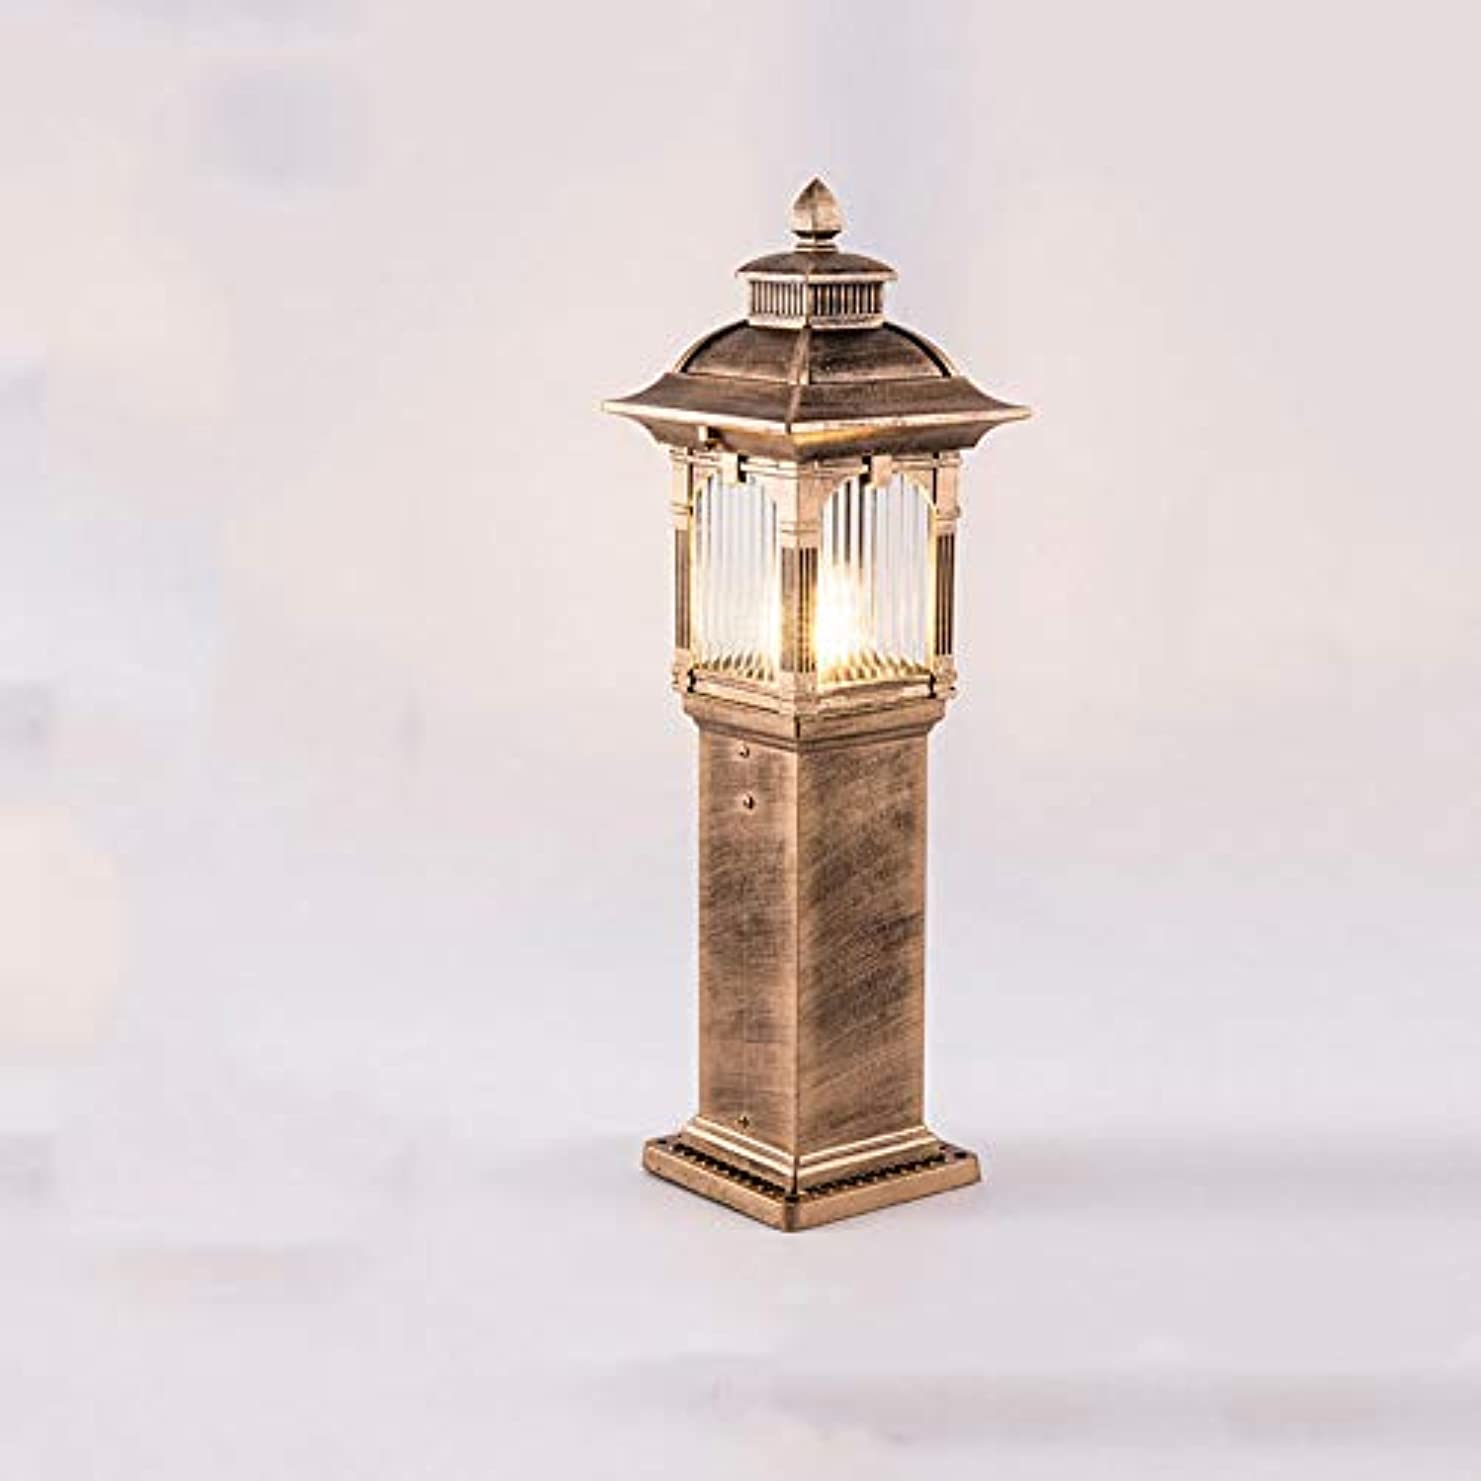 愛人ピッチヒットPinjeer E27ヨーロッパヴィンテージクリエイティブ真鍮ガラスコラムランプレトロ工業用屋外防水アルミポストライトガーデンゲートローンストリートホームヴィラ照明柱ライト (サイズ : Height 62cm)